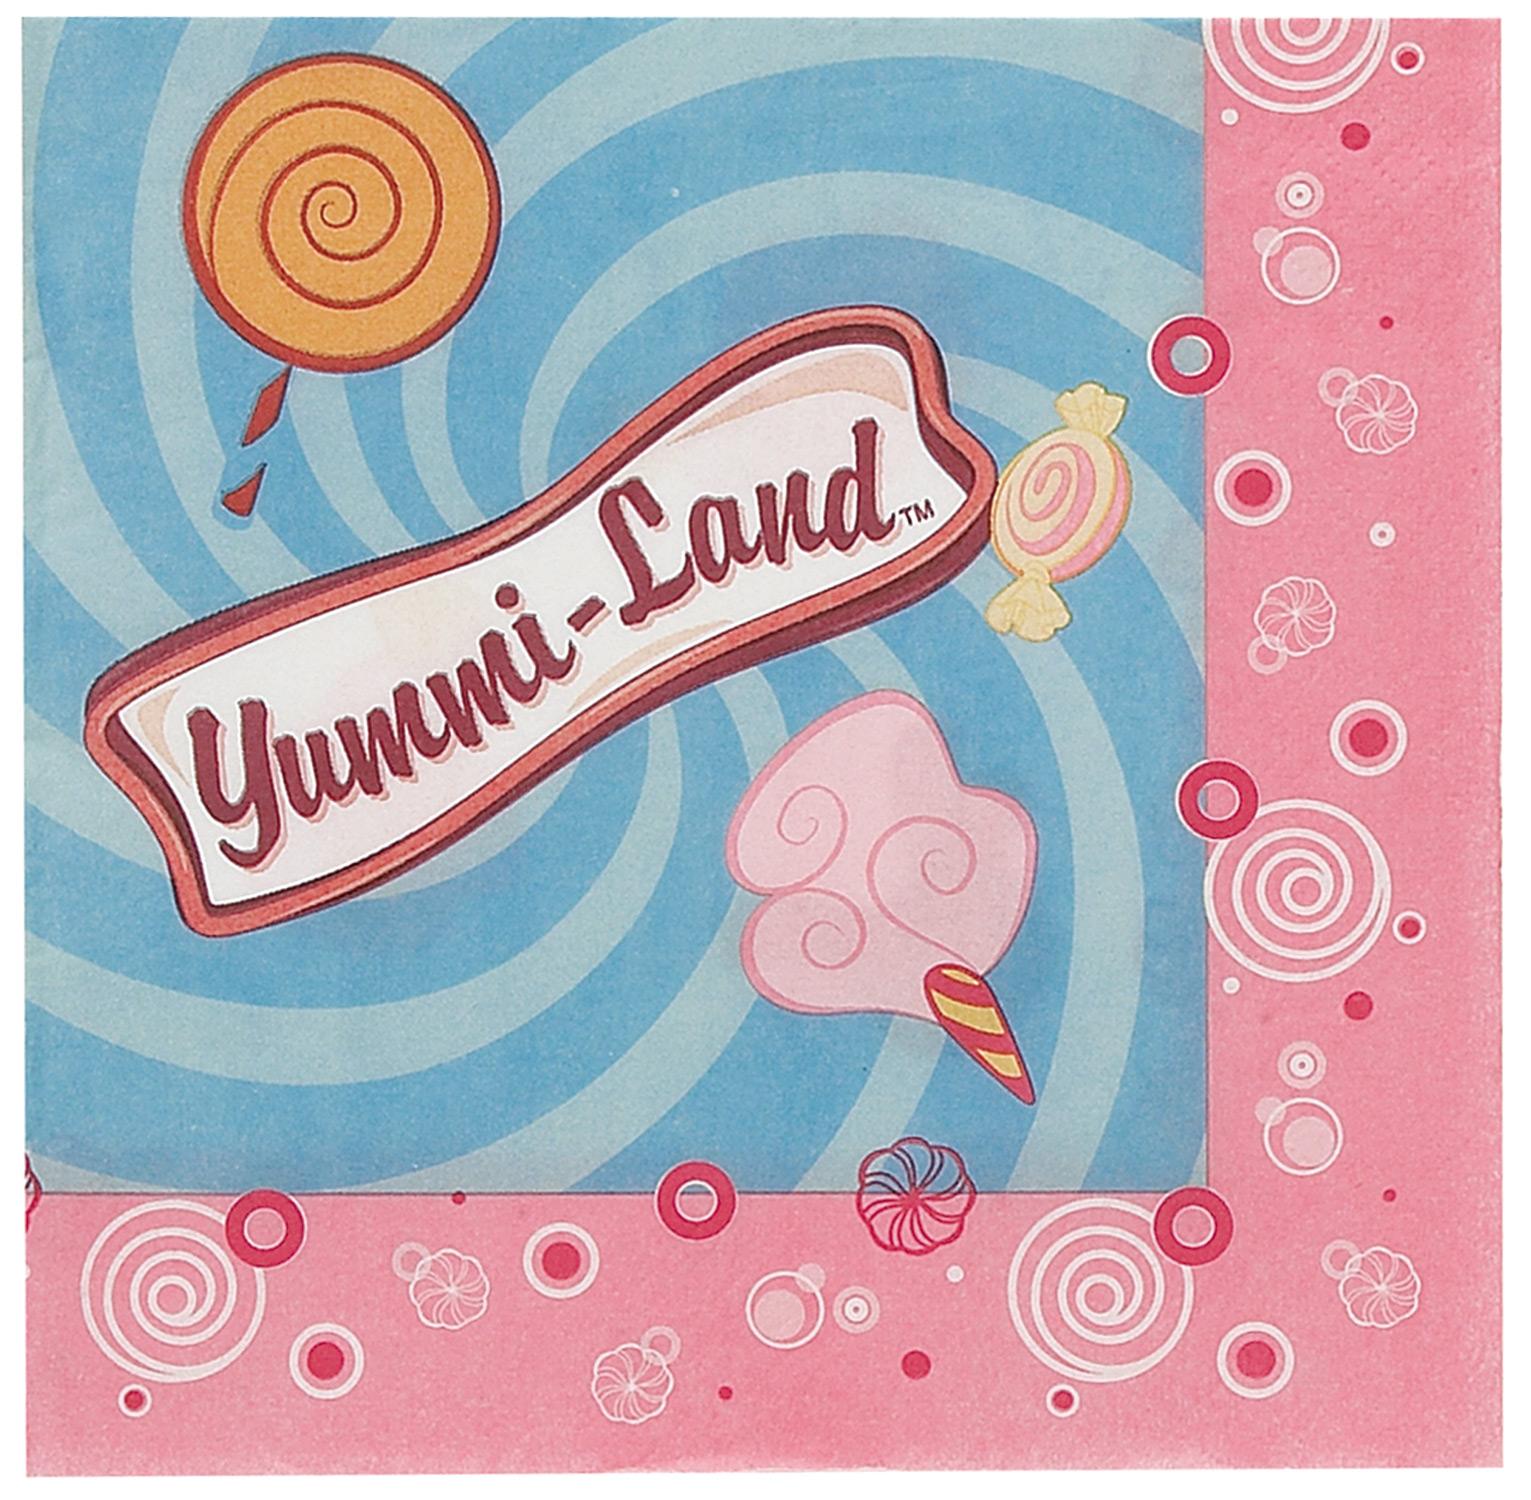 http://images.buycostumes.com/mgen/merchandiser/30714.jpg